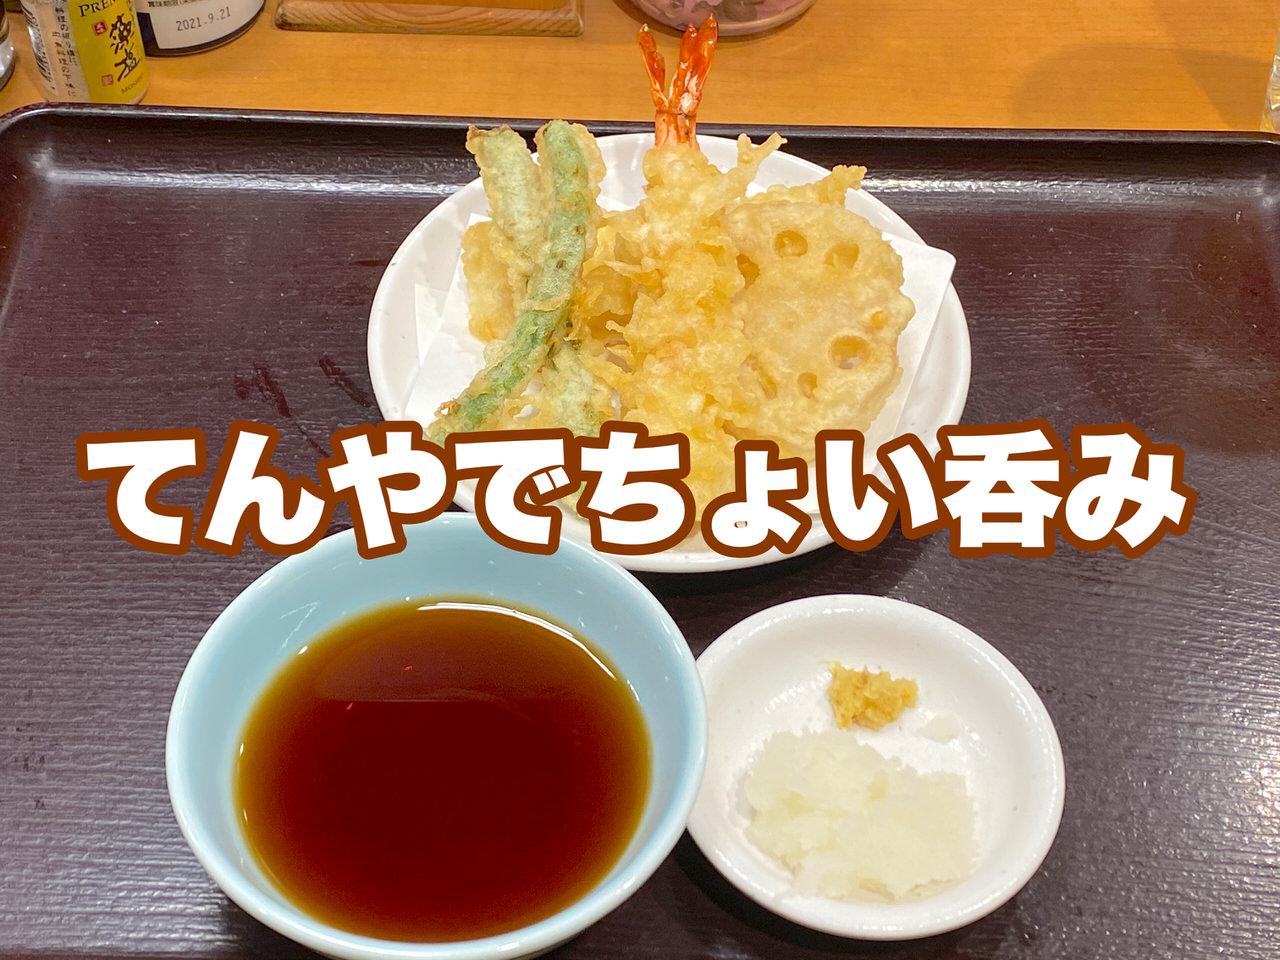 【天丼てんや】「天ぷら&生ビールセット」650円のちょい呑みが満足感が高い